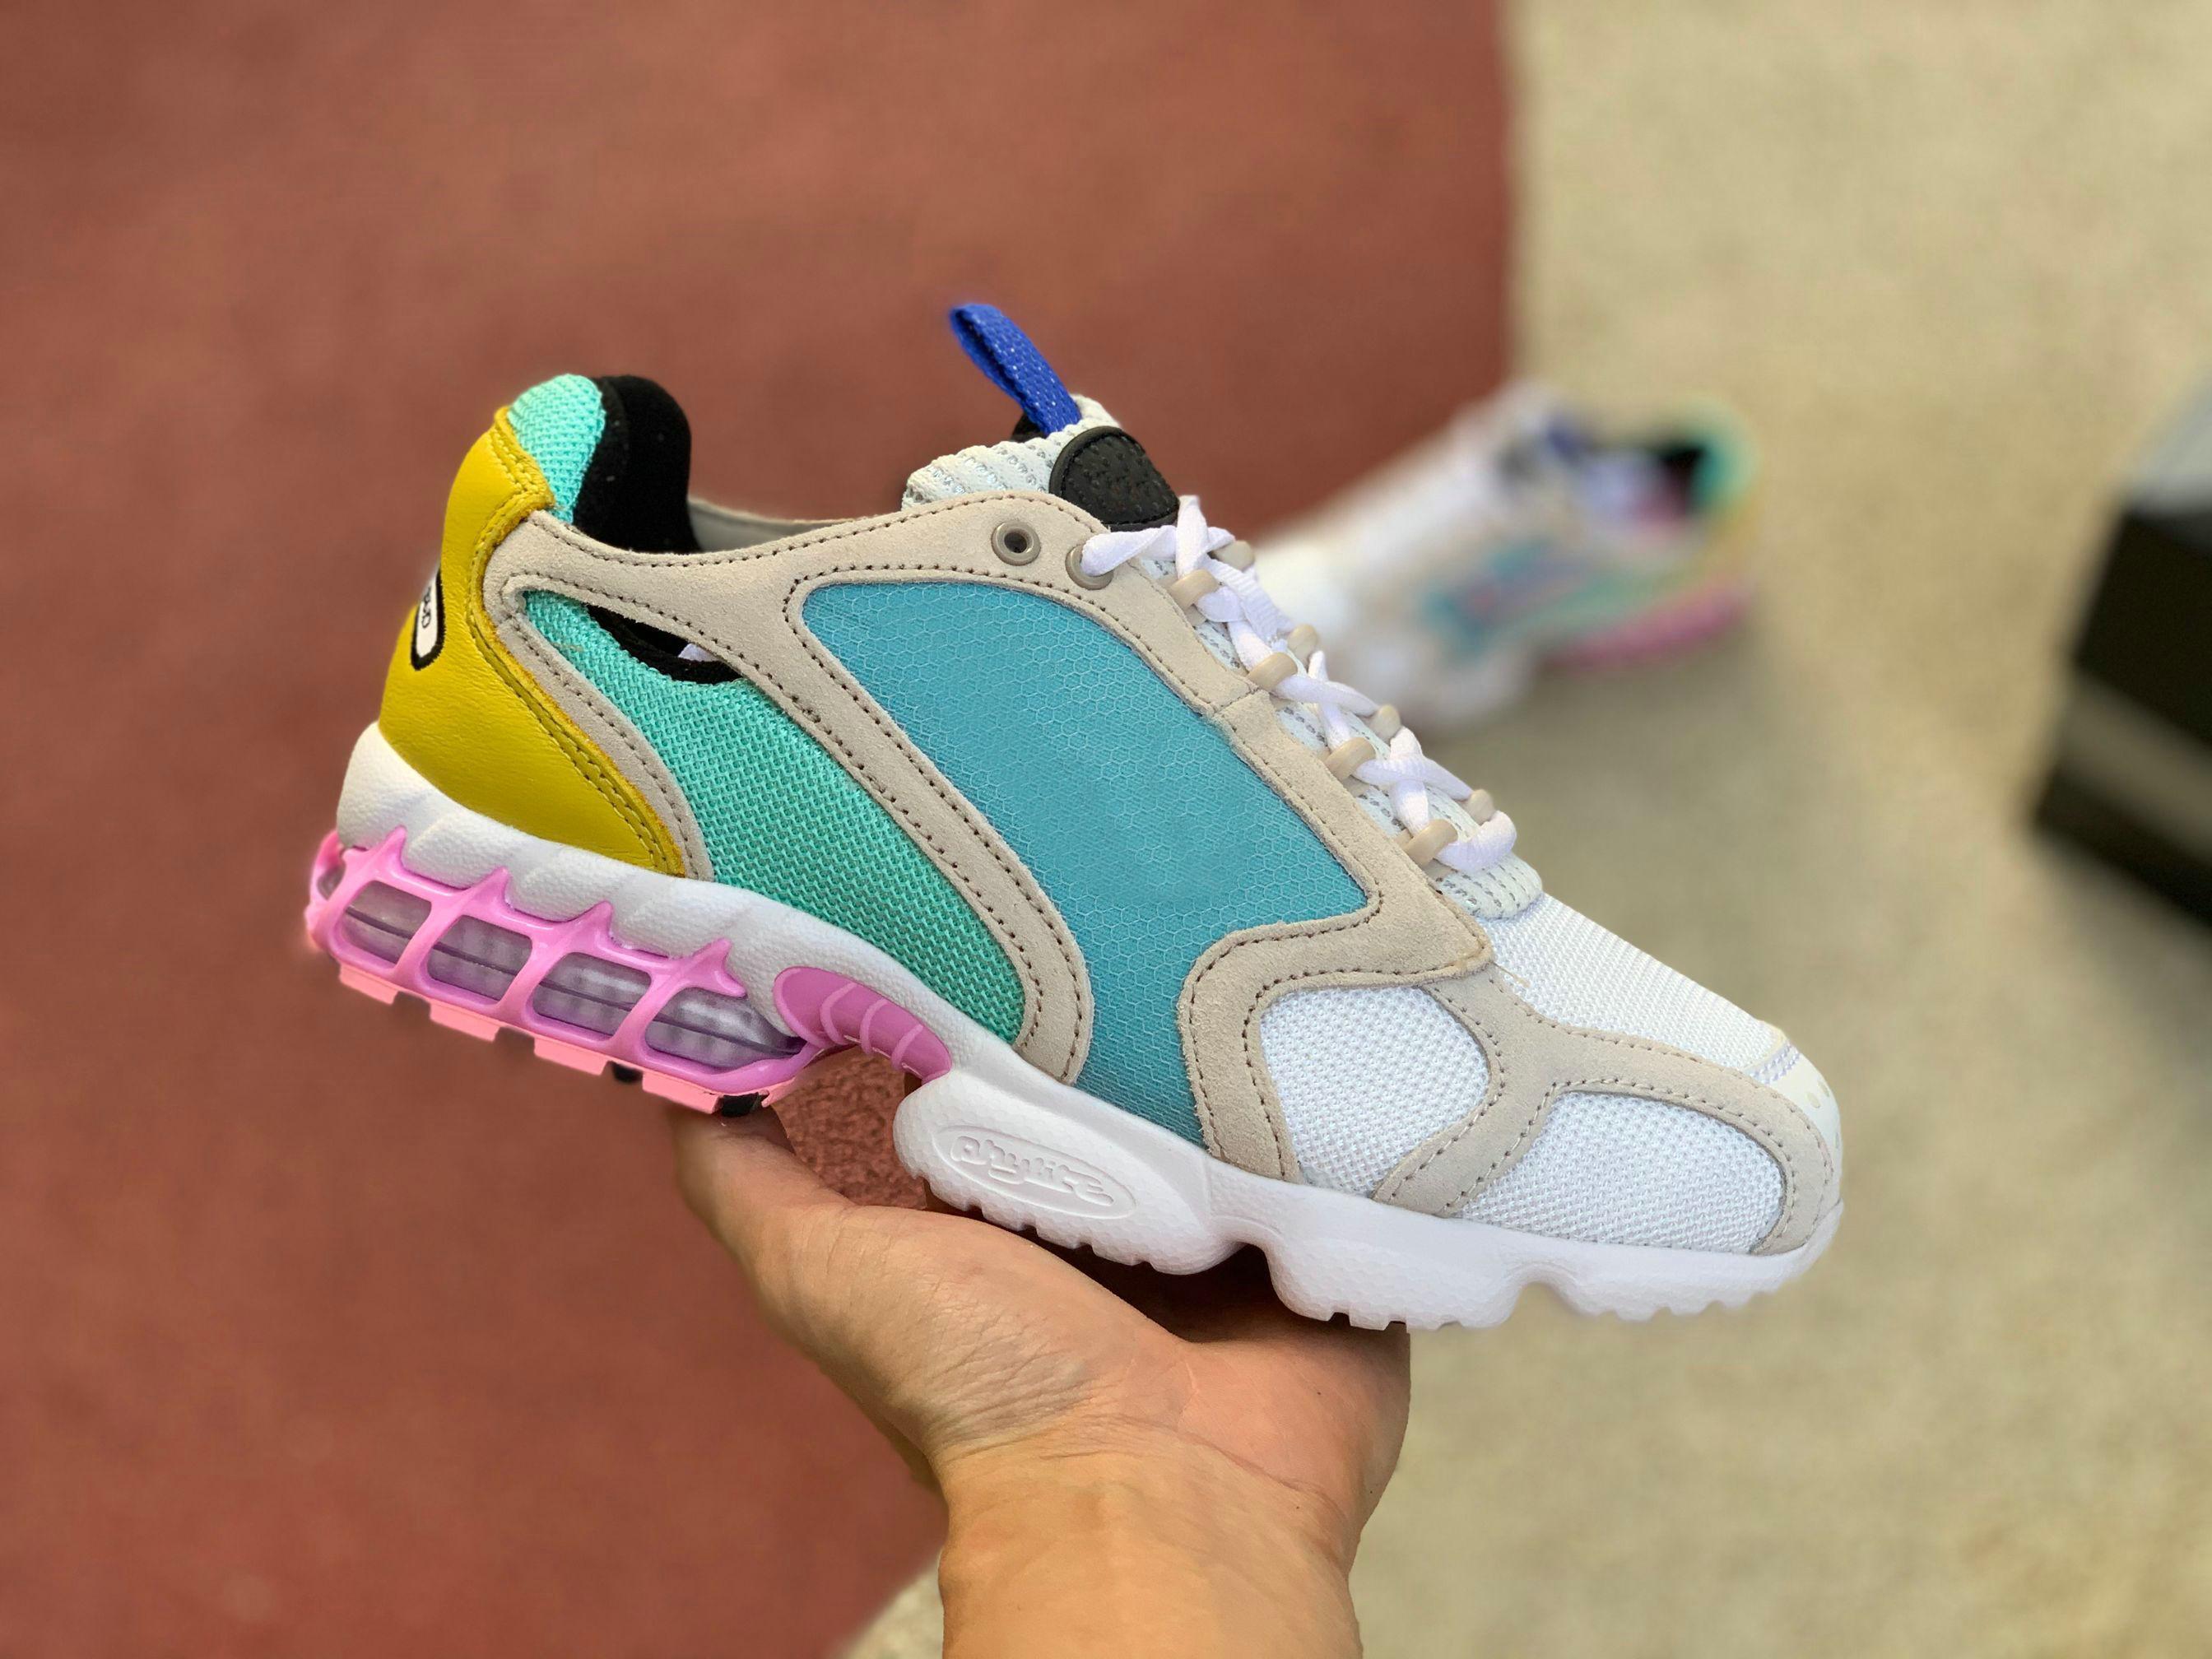 2020 STUSSSSSSSSSSSSSSSSSSSSSSSSSSSSSSSSSSSS Spiridon Cage 2 Macaron Black Uomo Scarpe da corsa Mens Chaussures Schuwomentrainer Sneakers sportivi